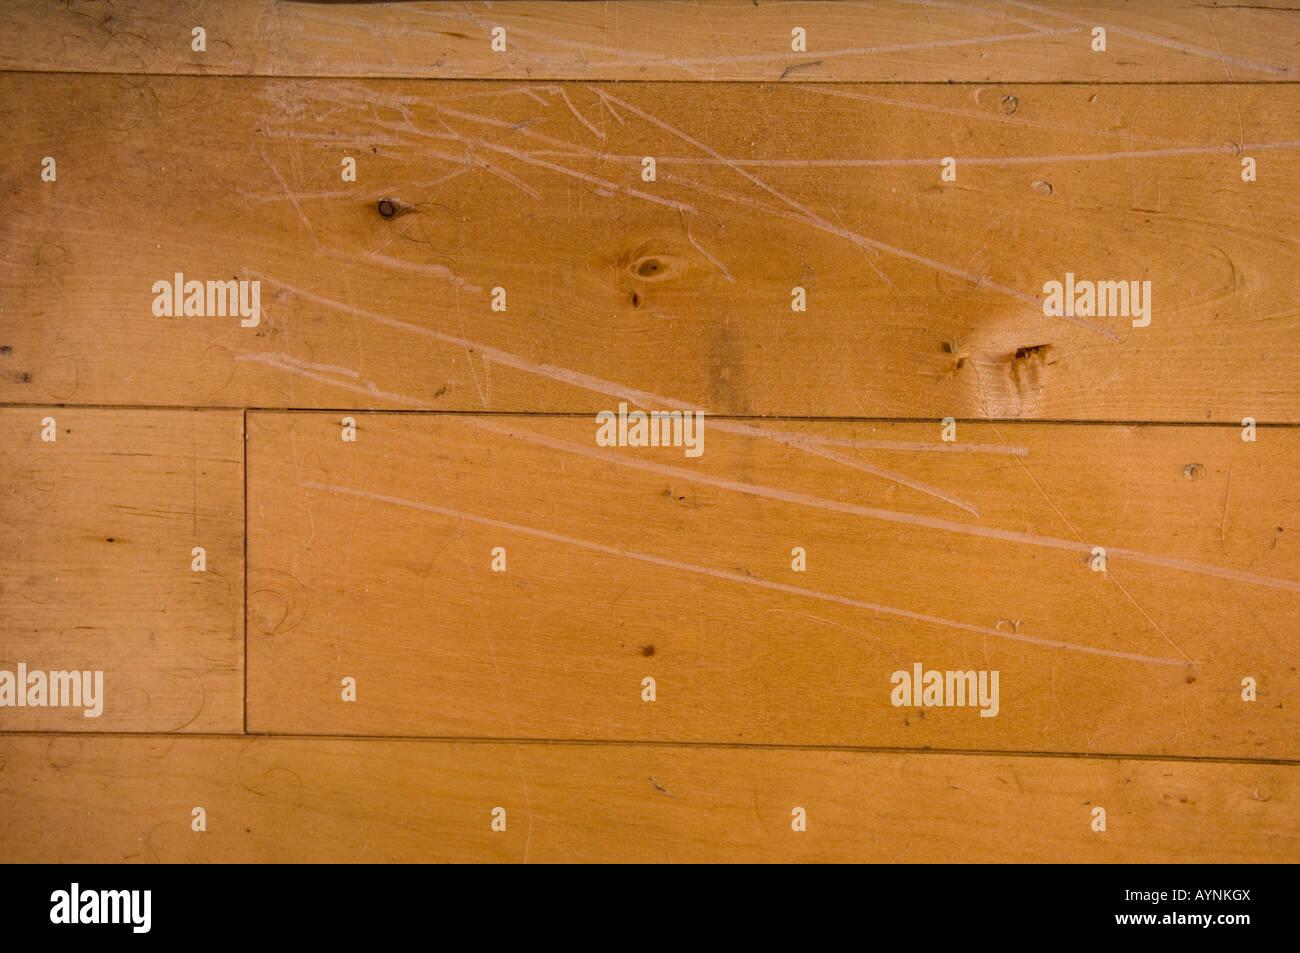 Close up of damaged laminated wooden flooring - Stock Image